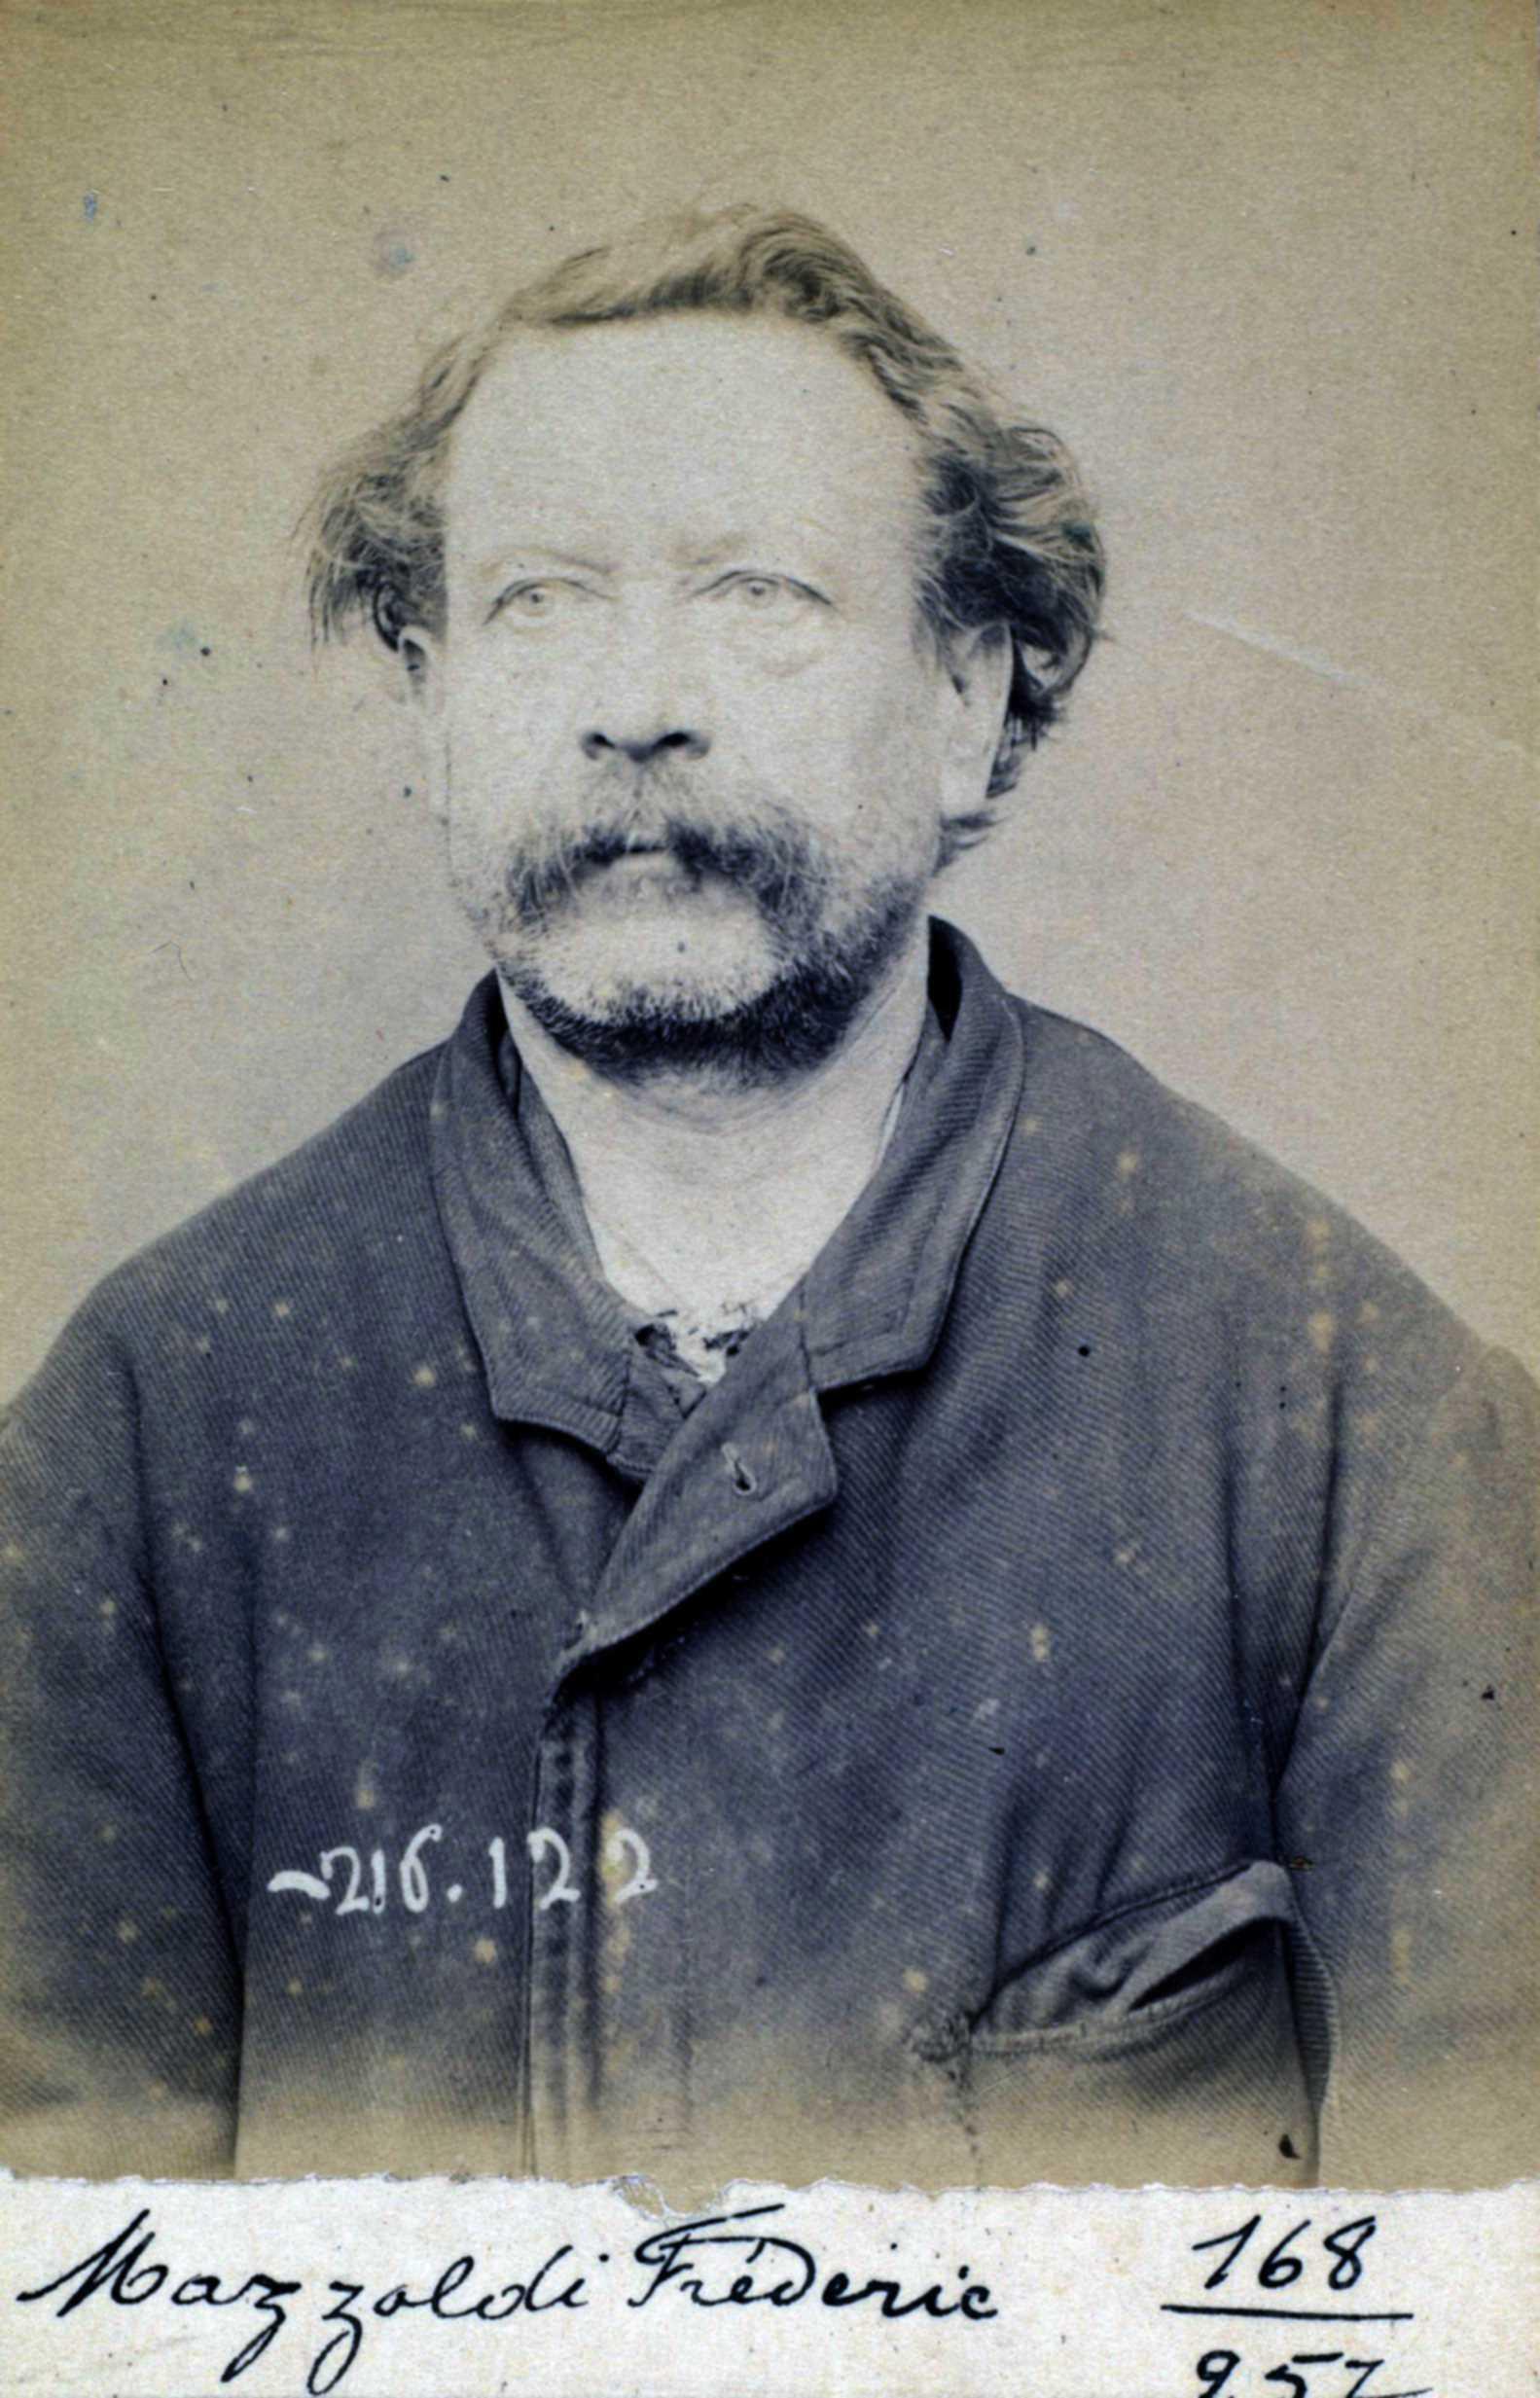 Foto policíaca de Frédéric Mazzoldi (23 de març de 1894)